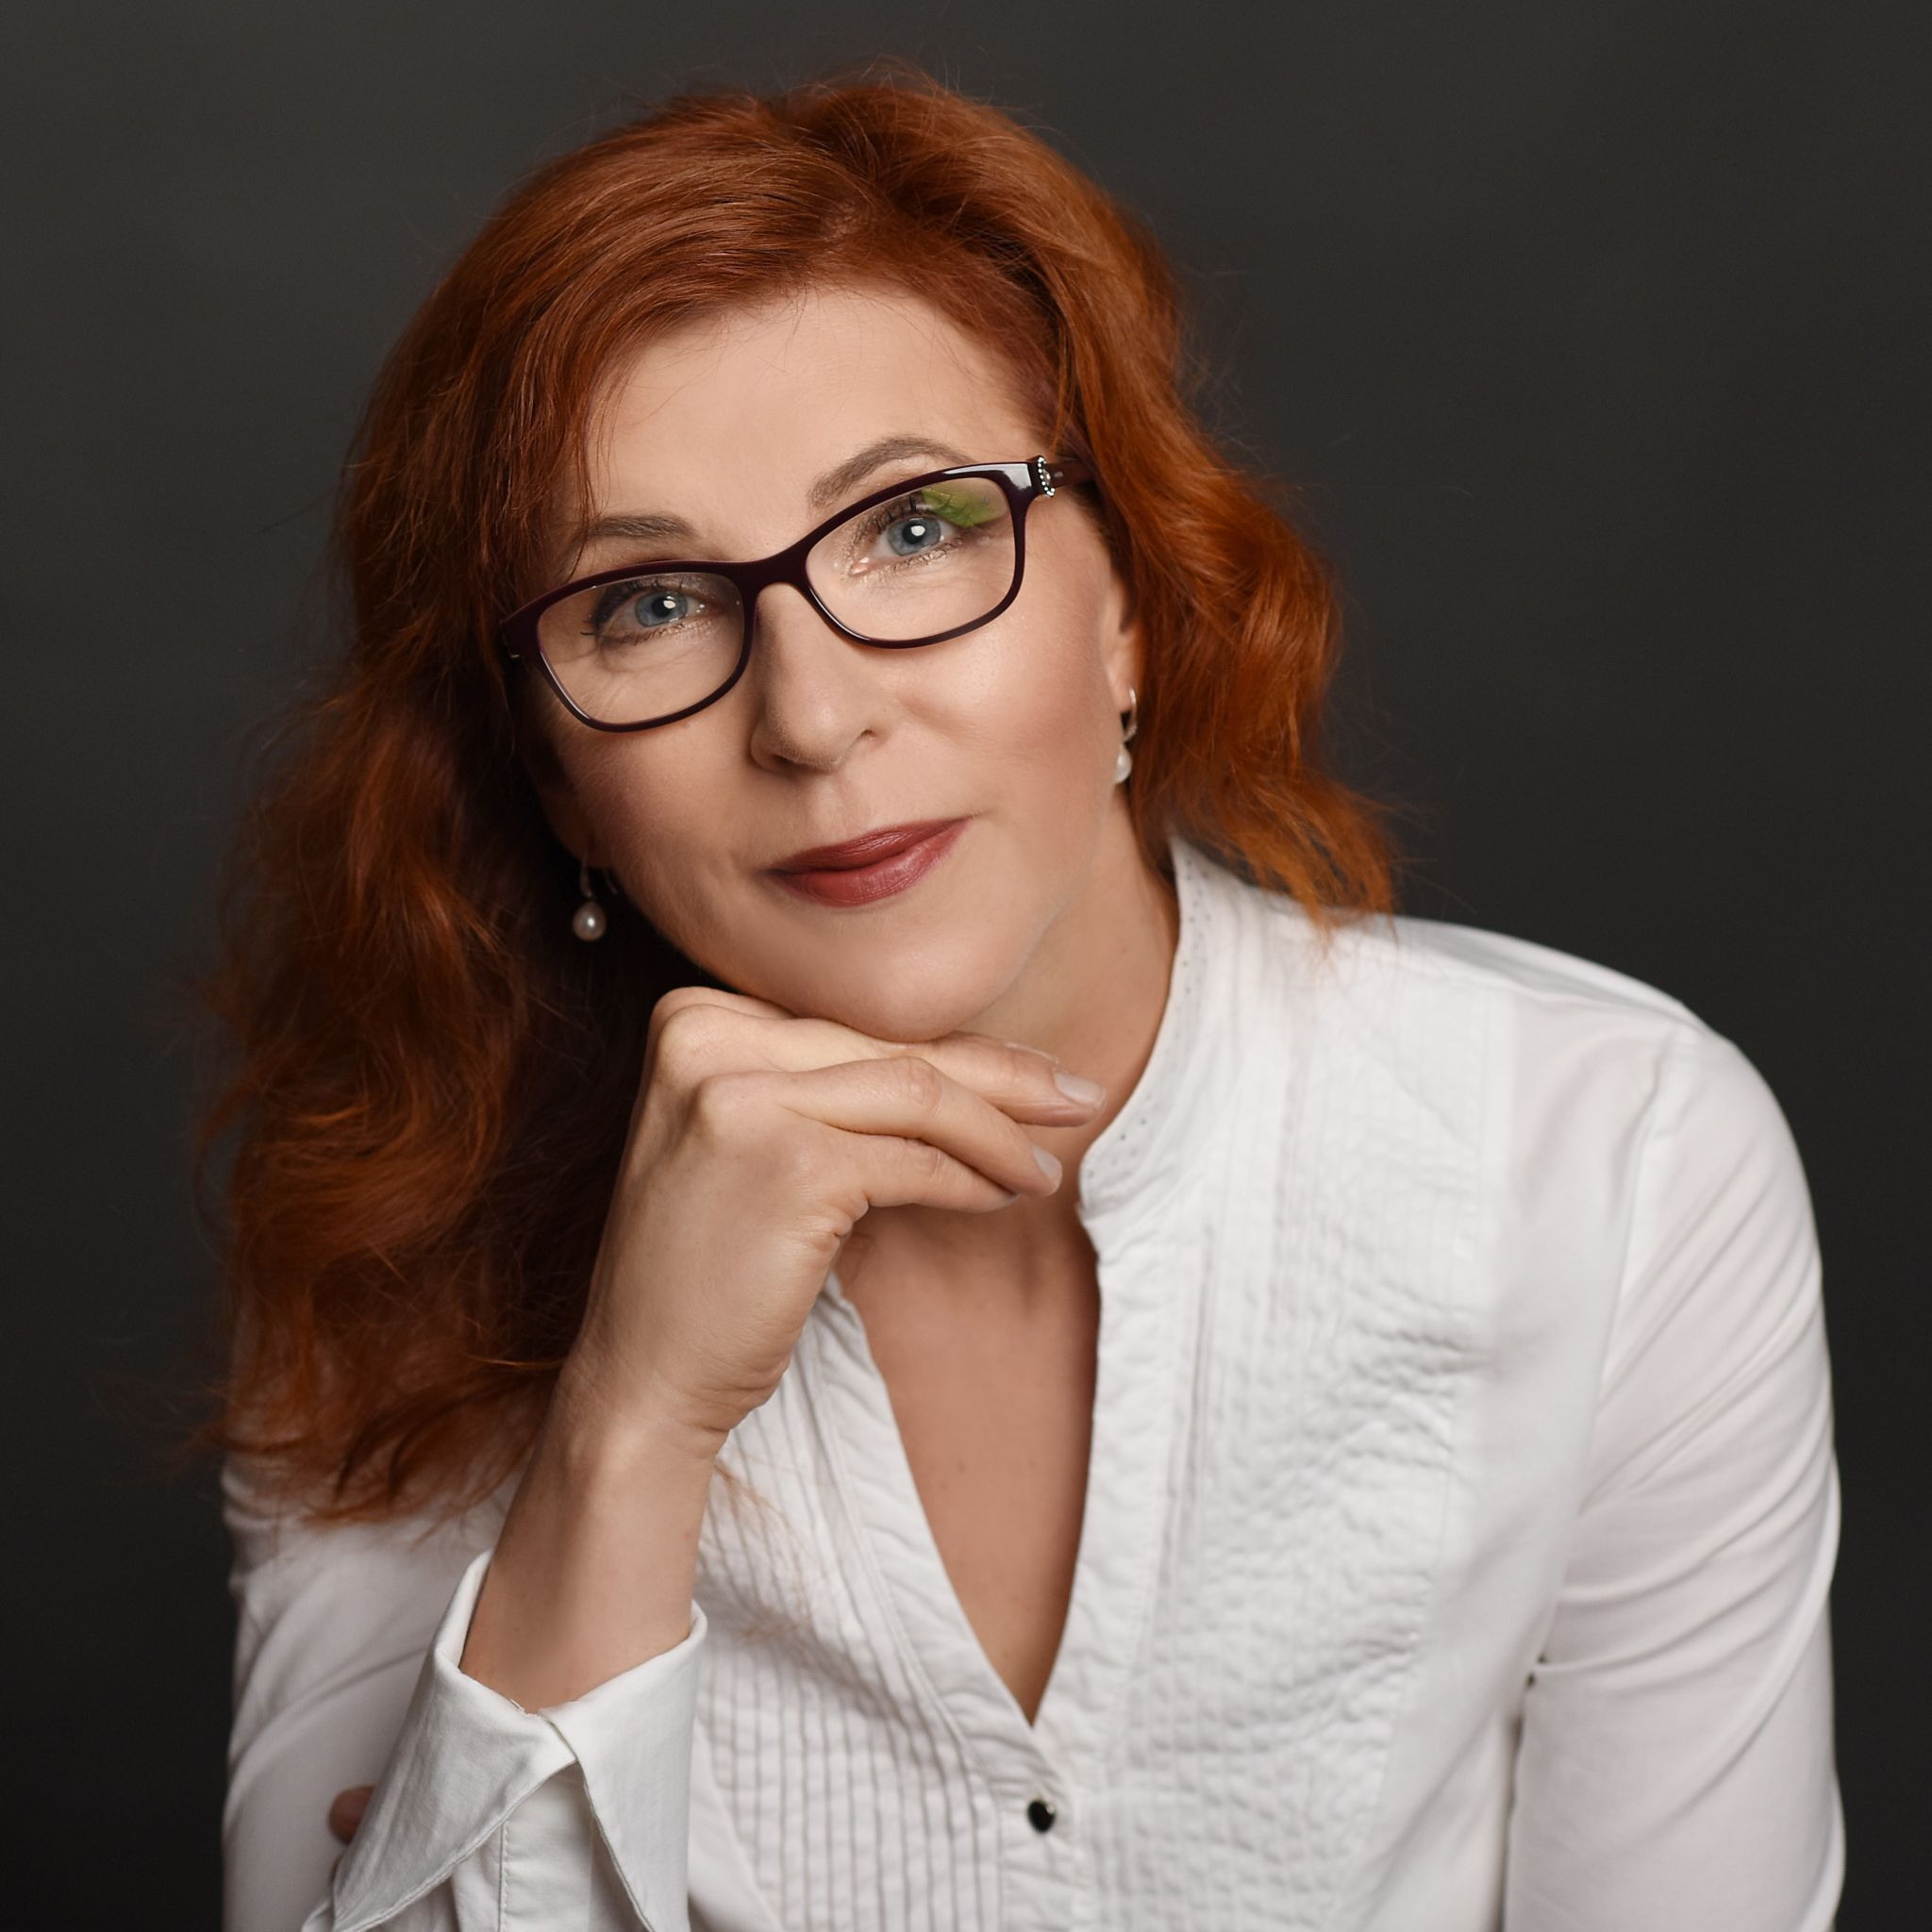 MUDr. Romana Macháčková